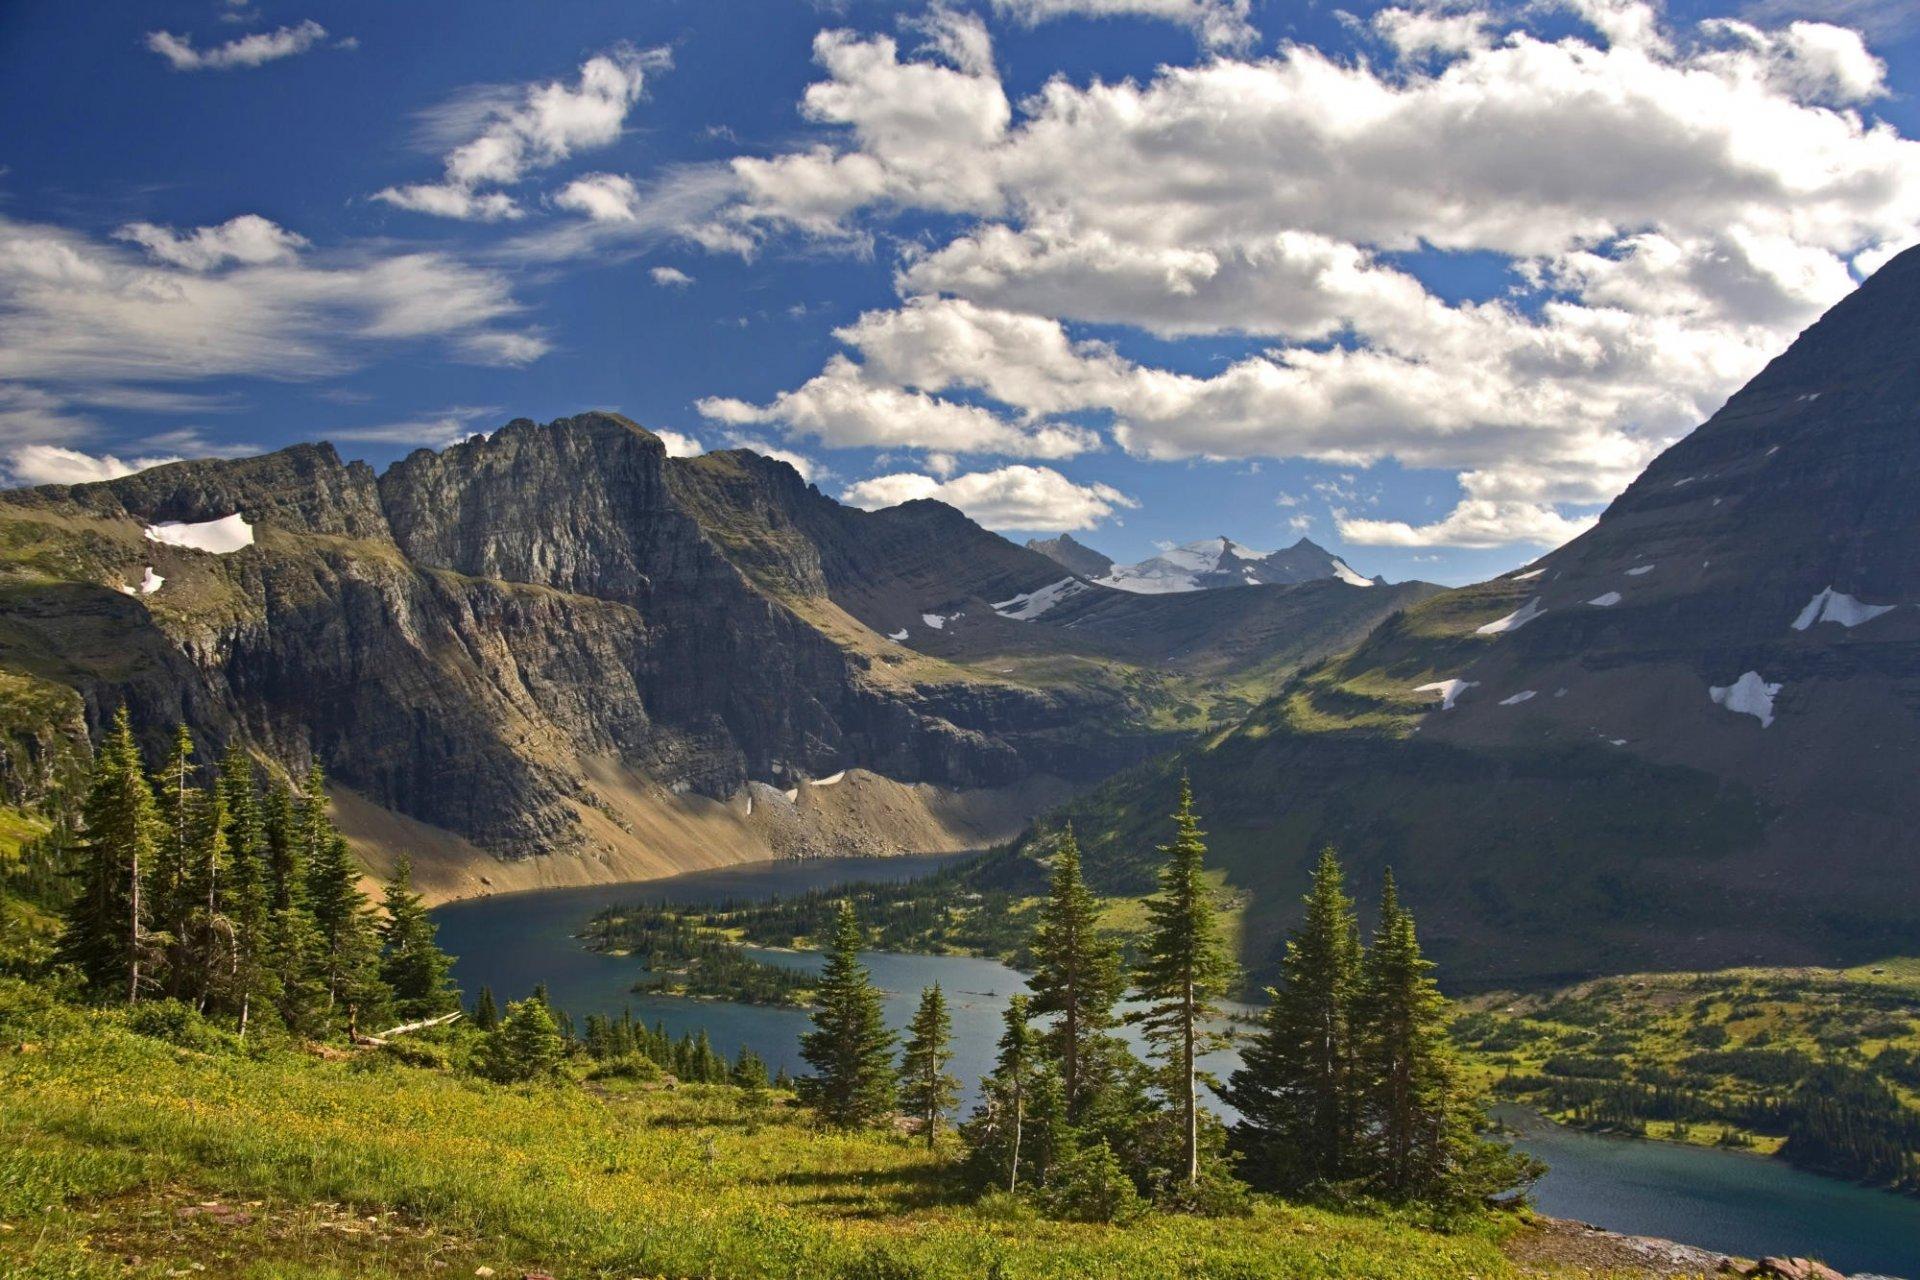 природа горы небо облака река деревья nature mountains the sky clouds river trees  № 1223894 загрузить